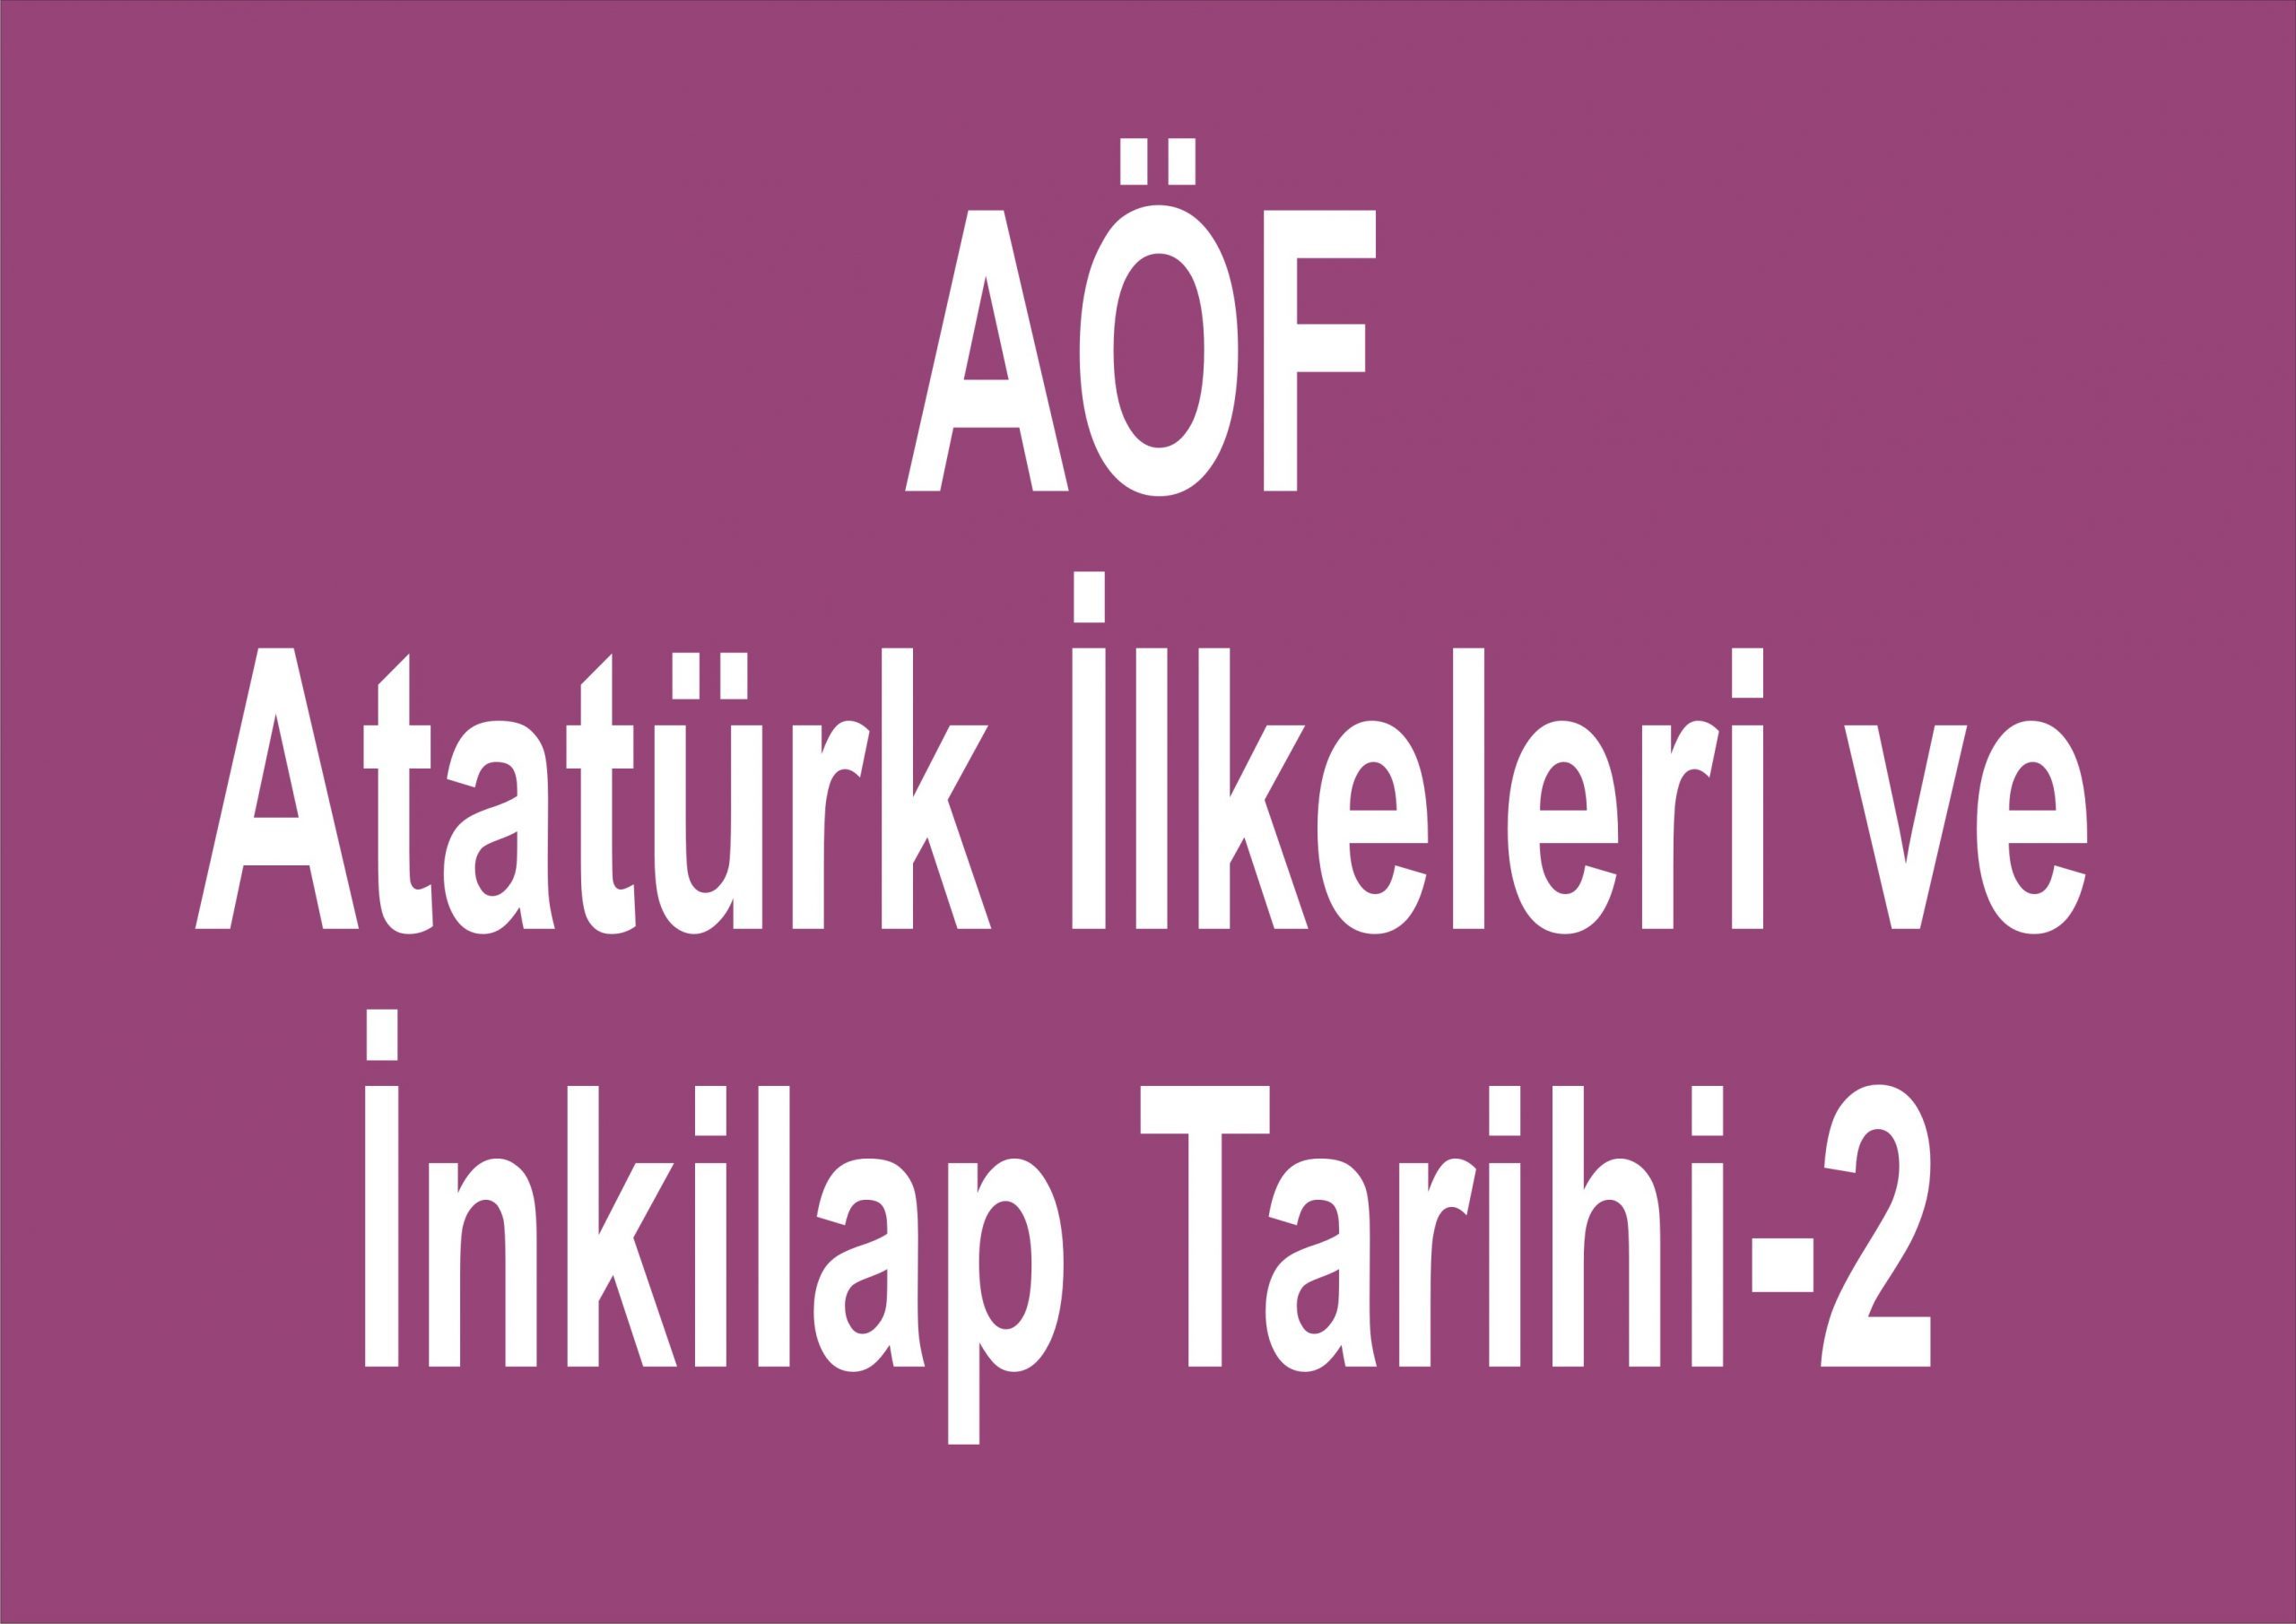 AÖF-Atatürk-İlkeleri-ve-İnkilap-Tarihi-2